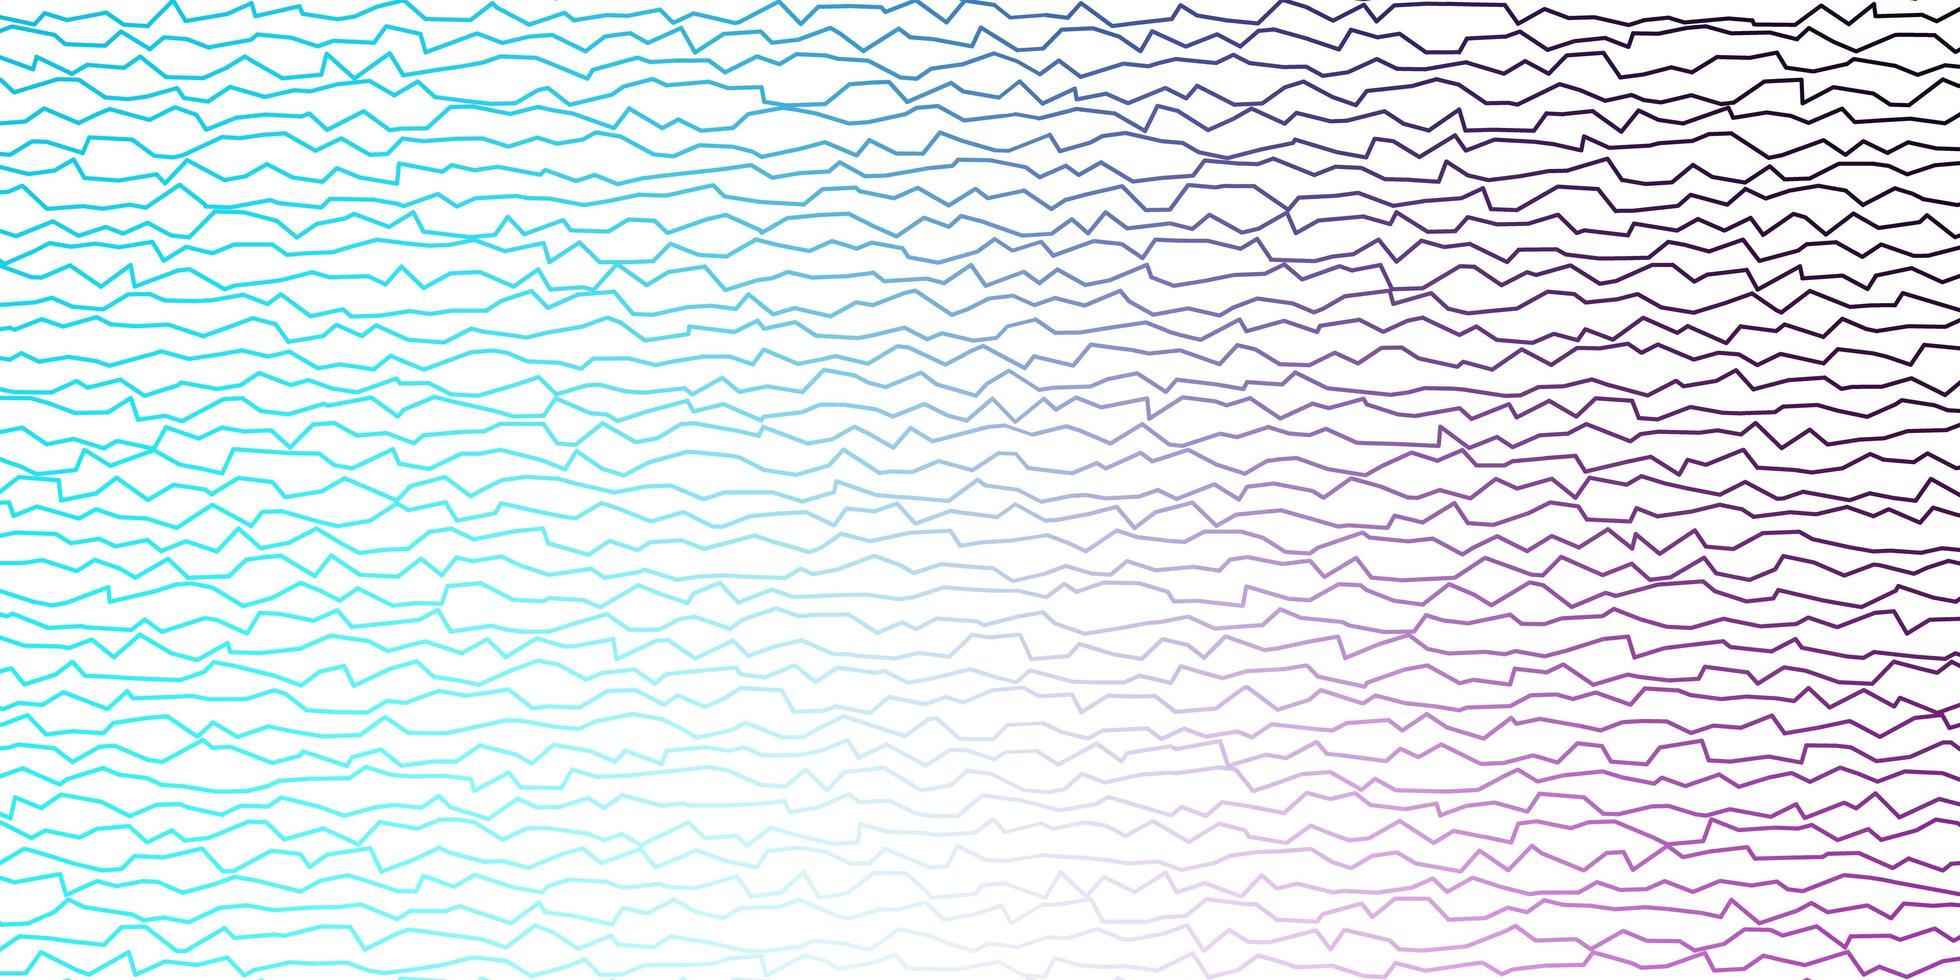 diseño vectorial rosa oscuro, azul con líneas torcidas vector